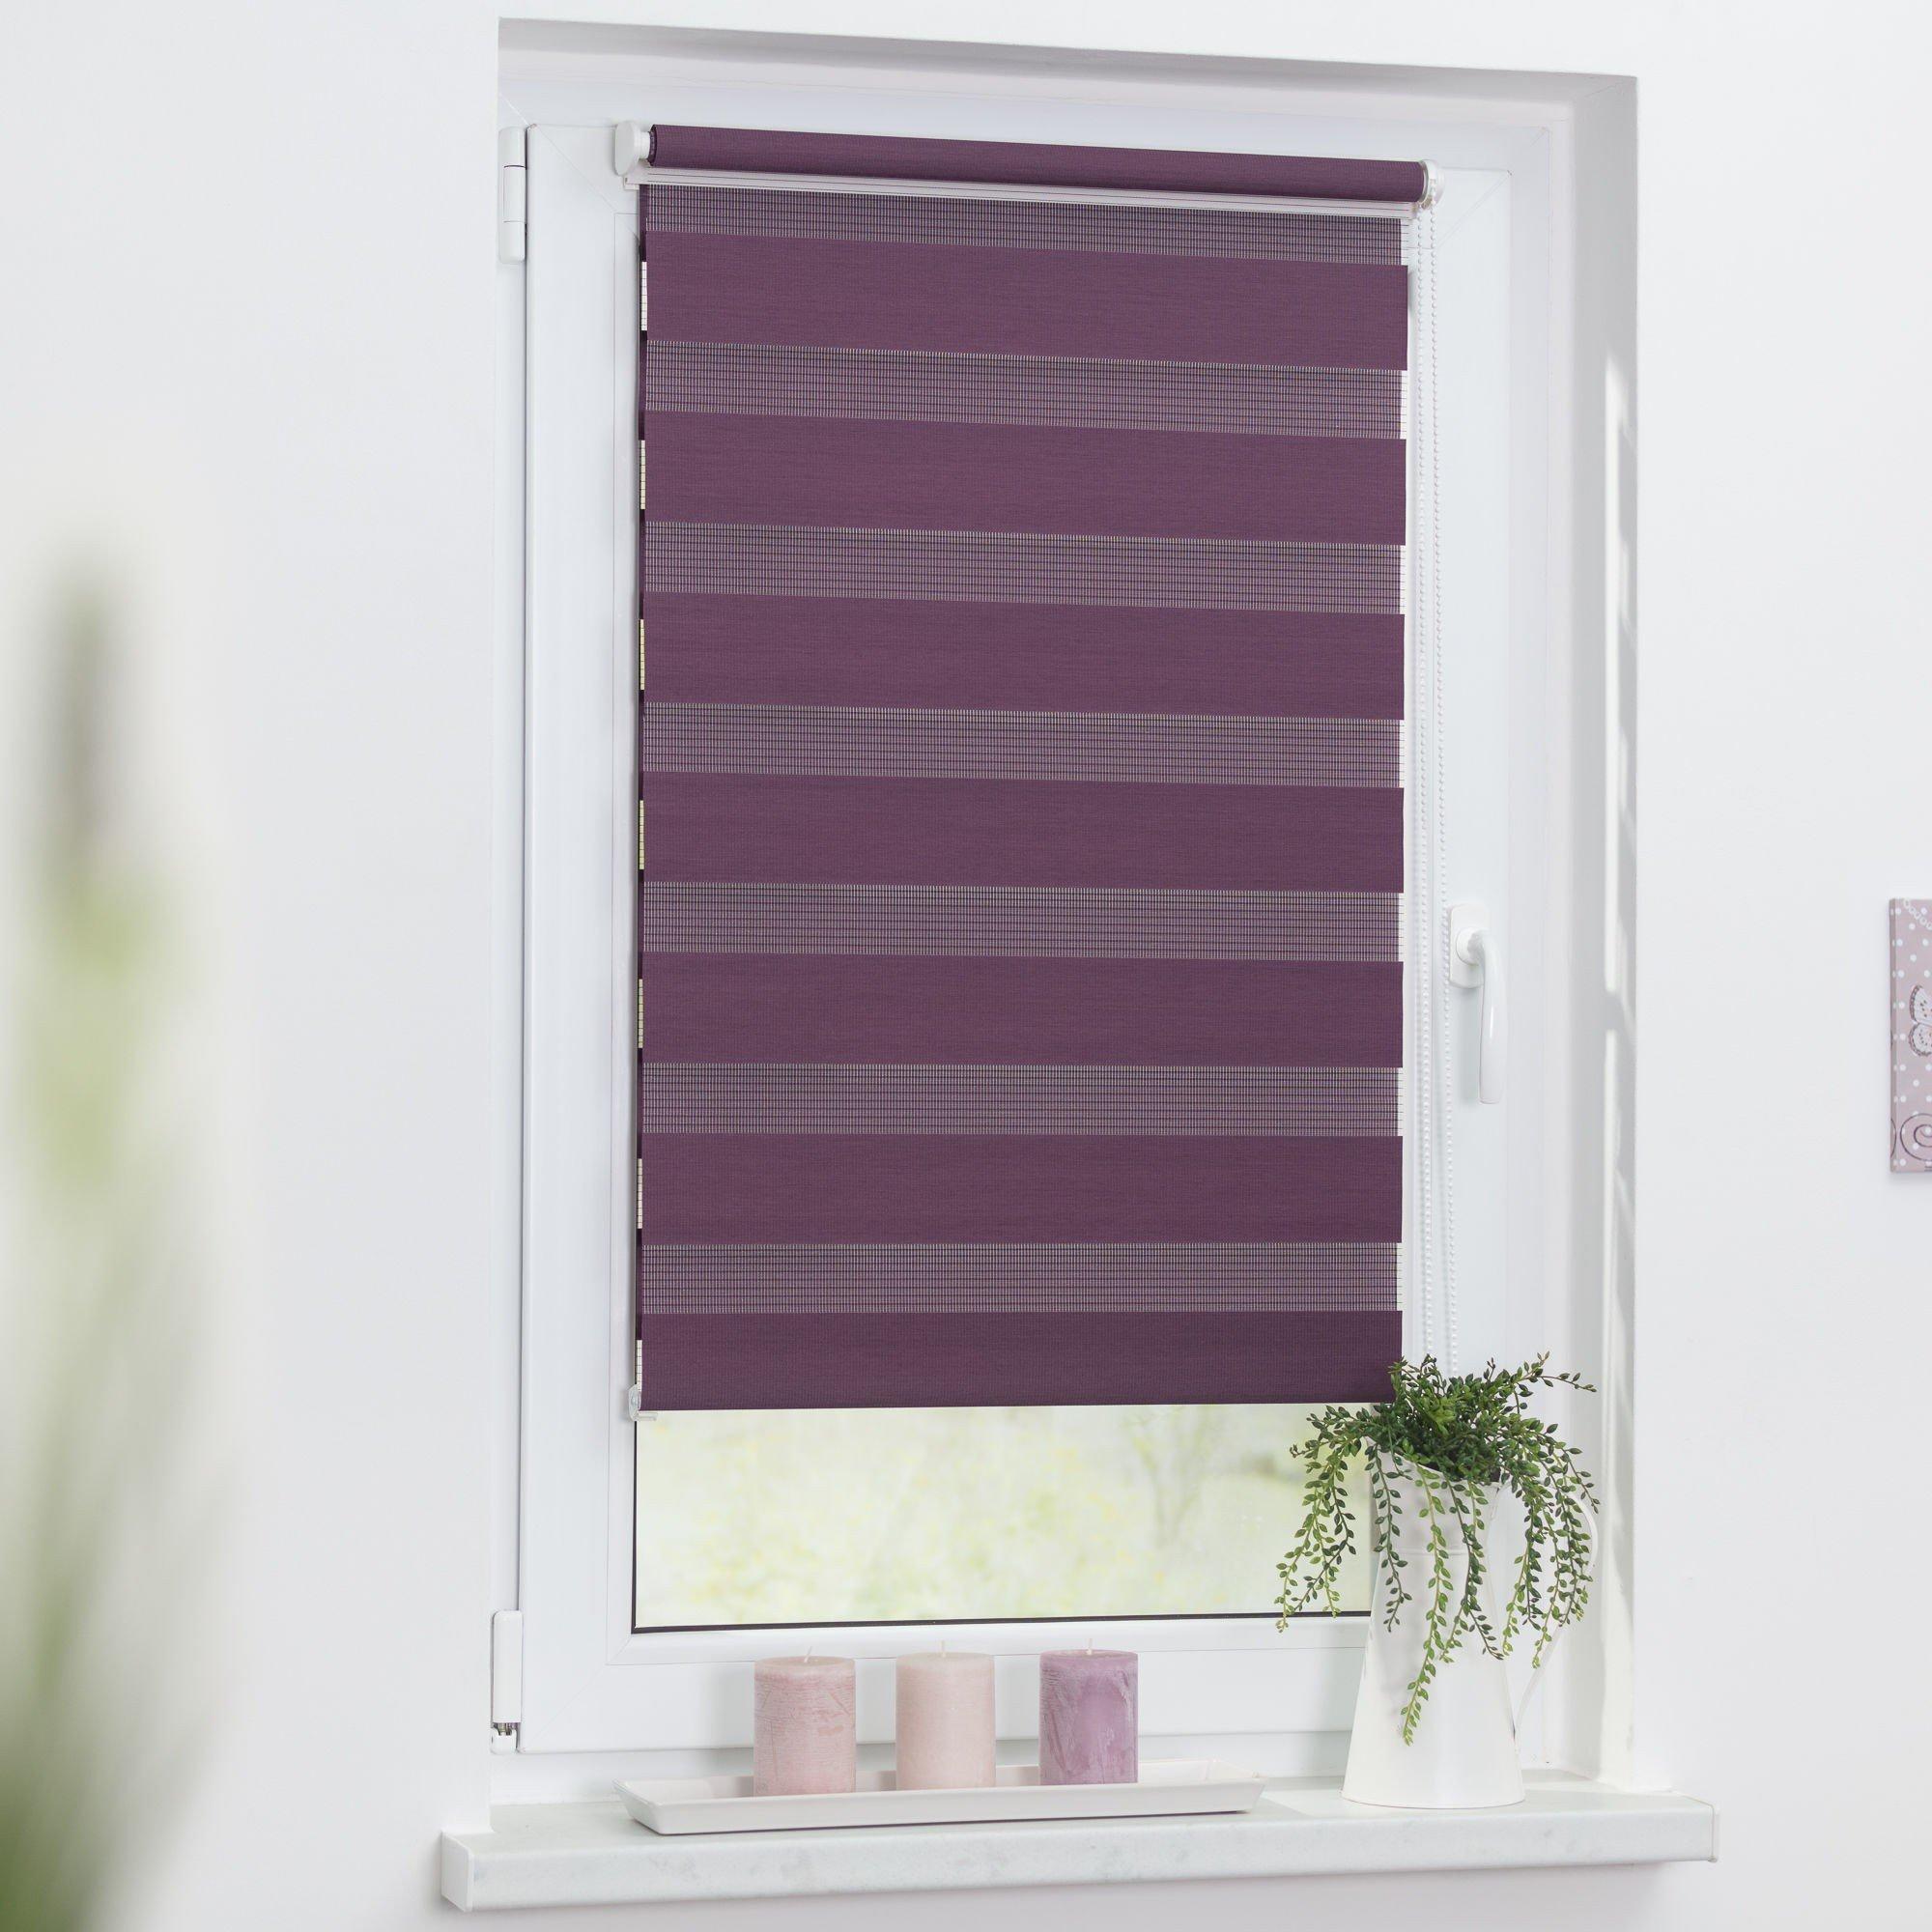 doppelrollo 110 cm breit finest doppelrollo truro with doppelrollo 110 cm breit beautiful. Black Bedroom Furniture Sets. Home Design Ideas